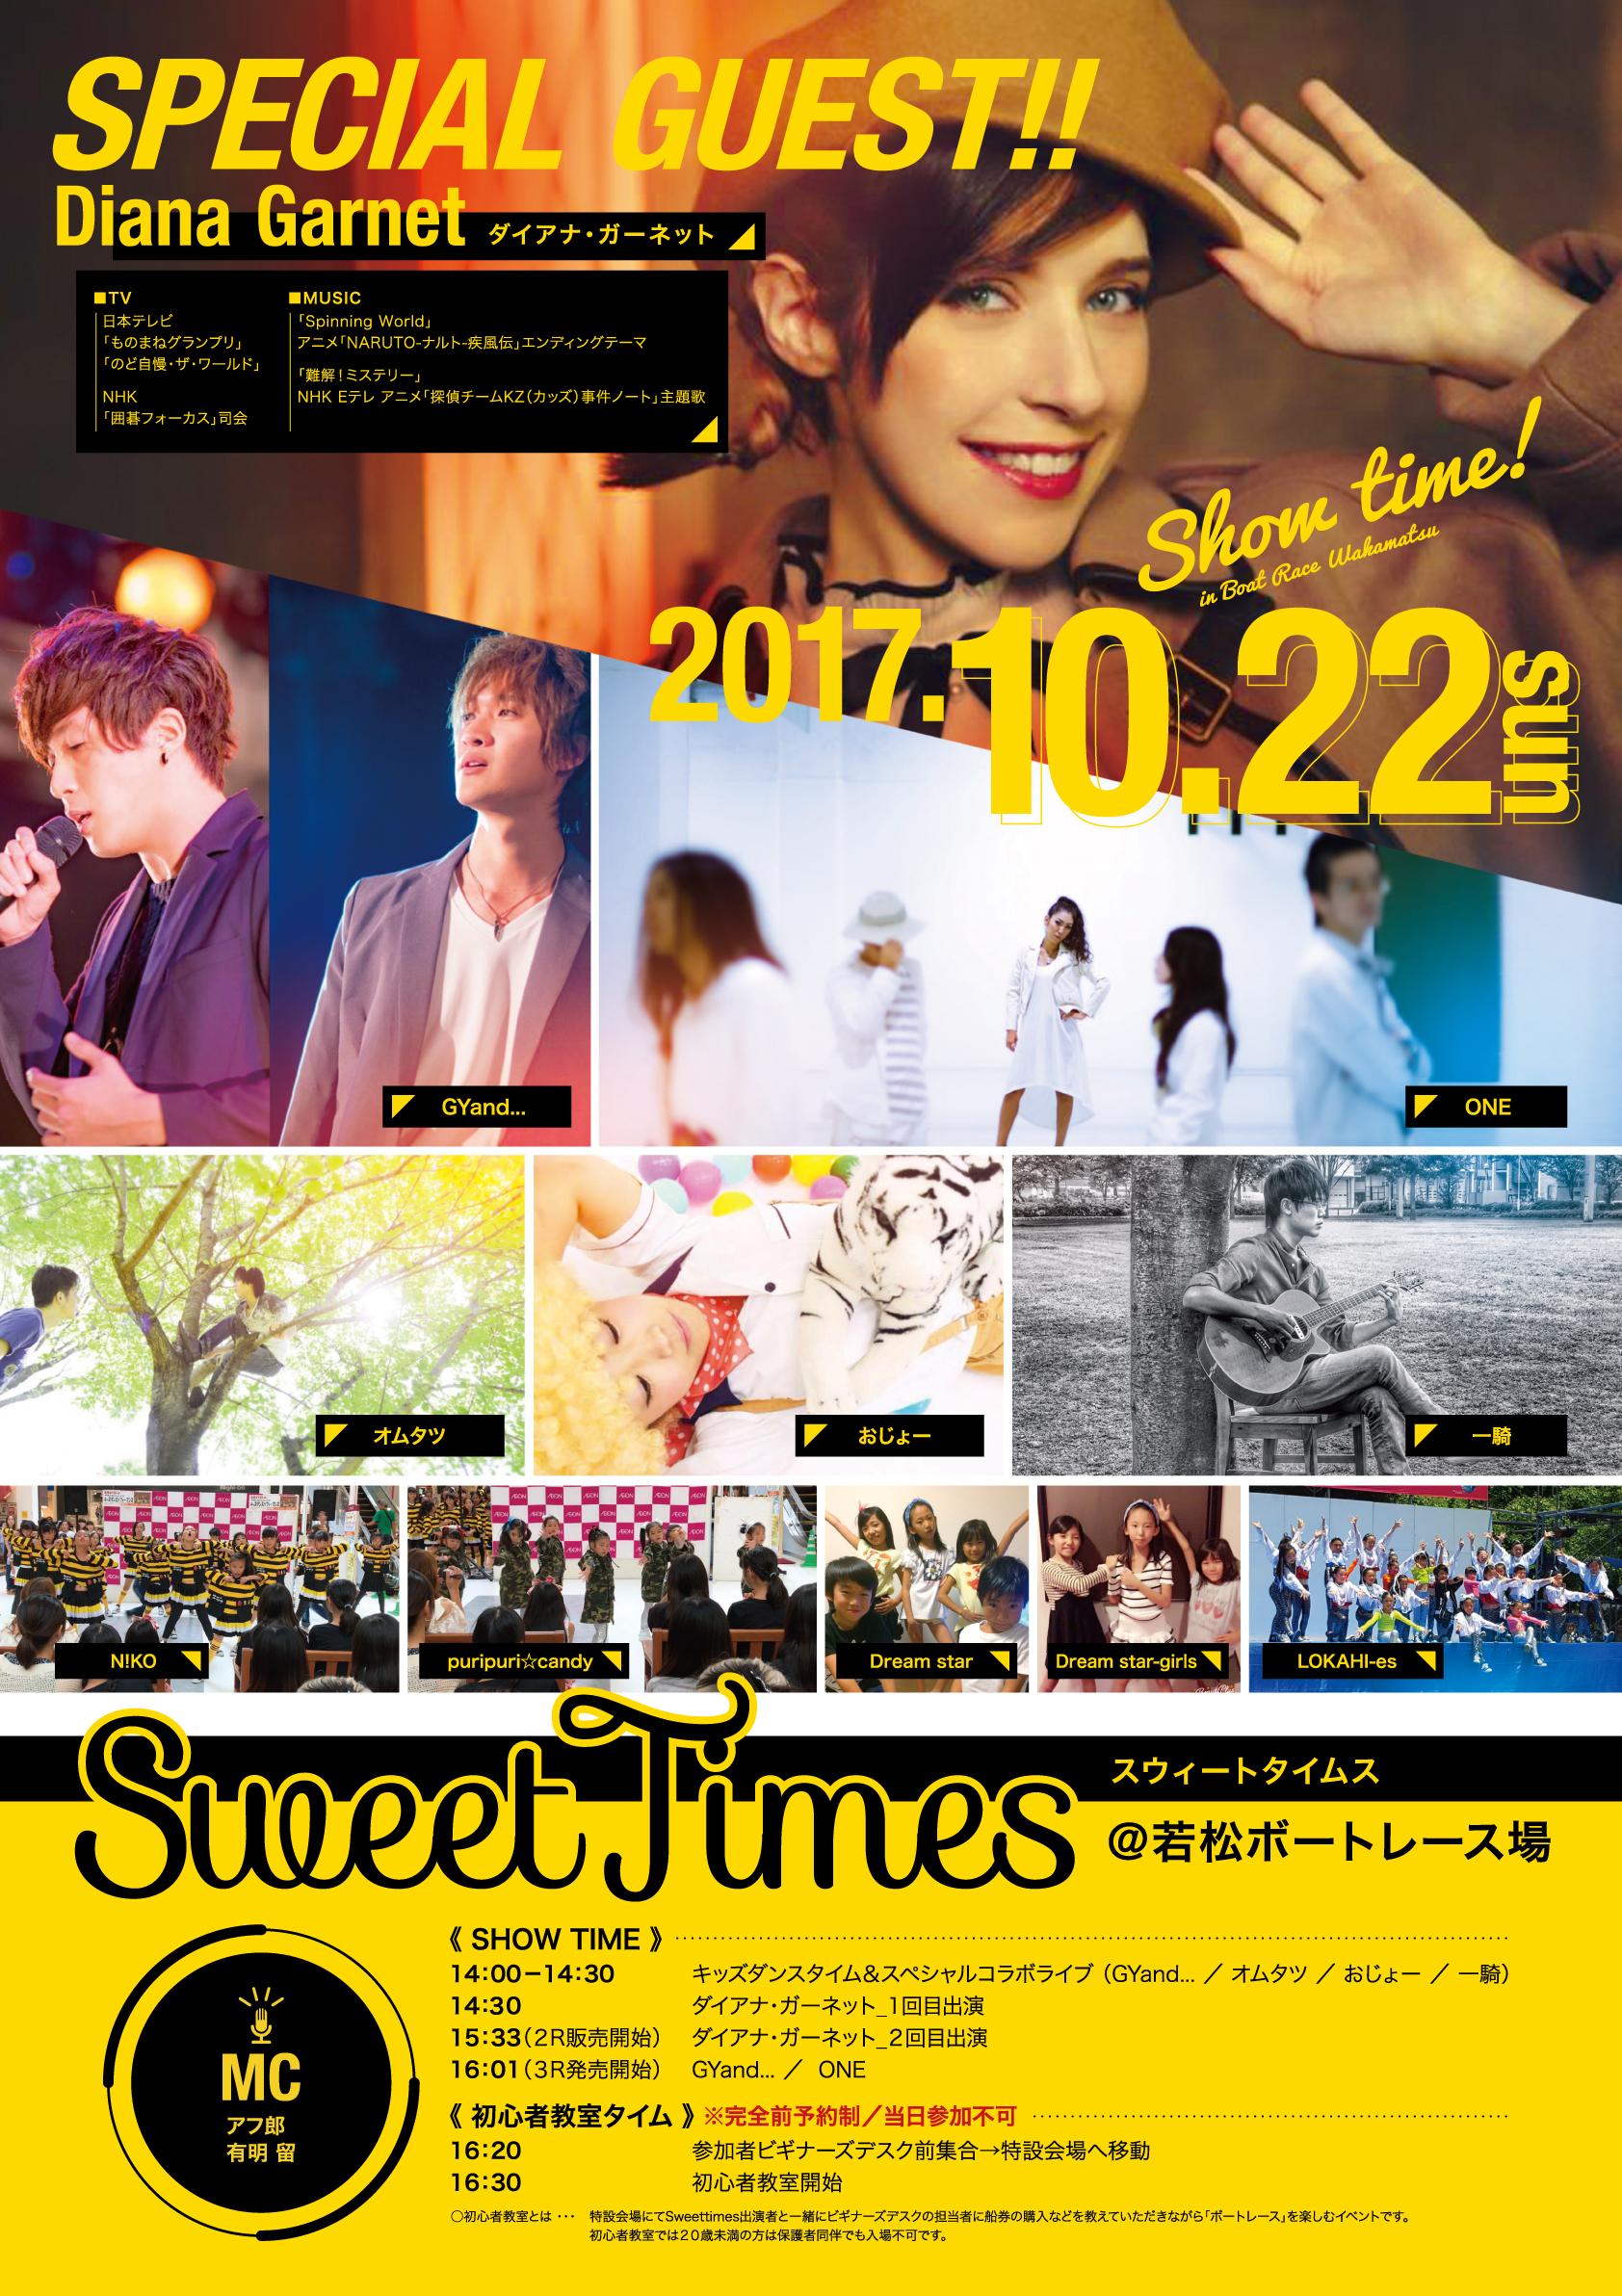 声塾生「sweettimes」に出演決定!!